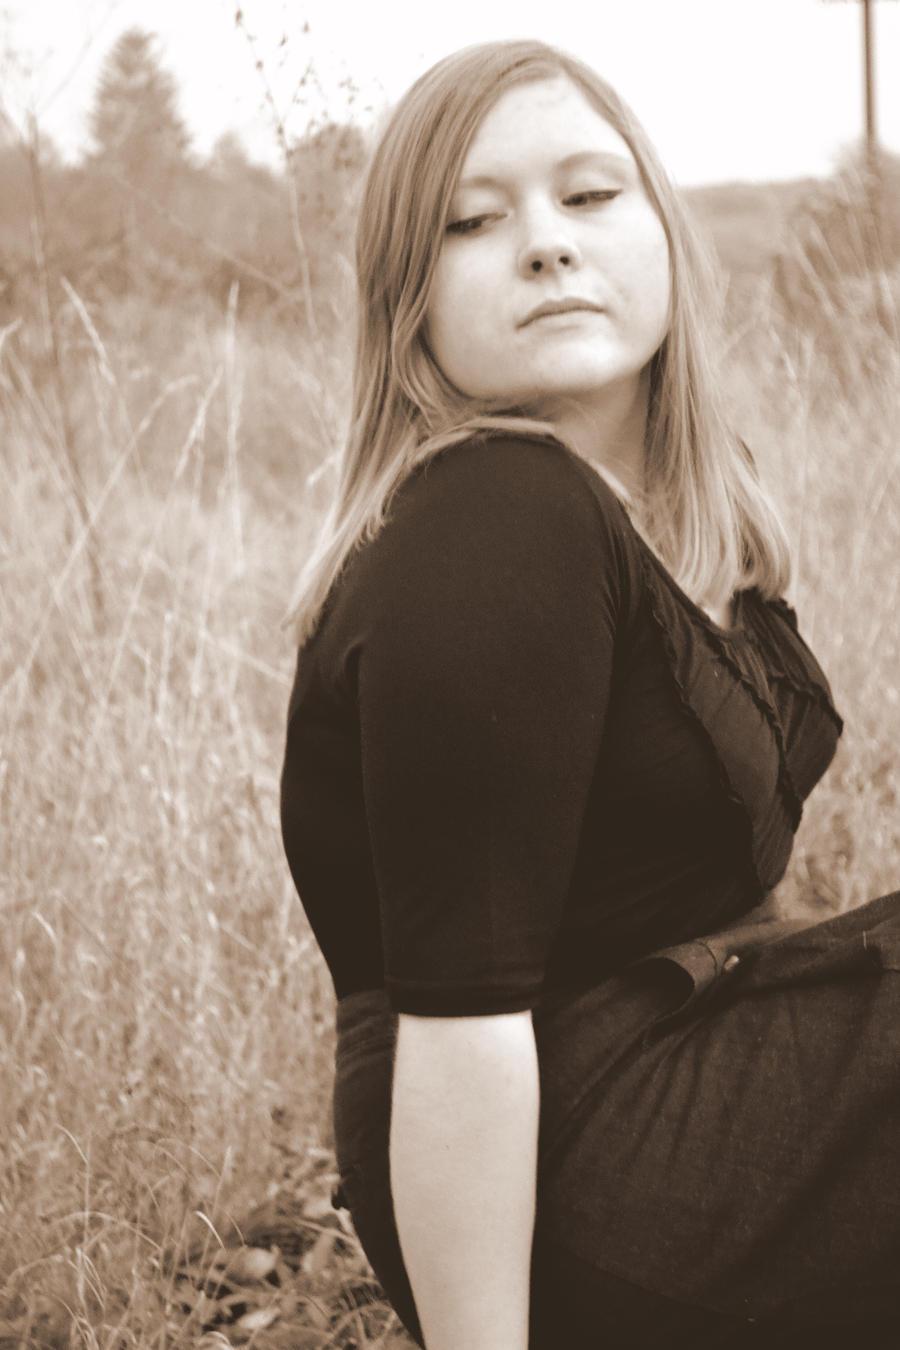 GingerSmile's Profile Picture